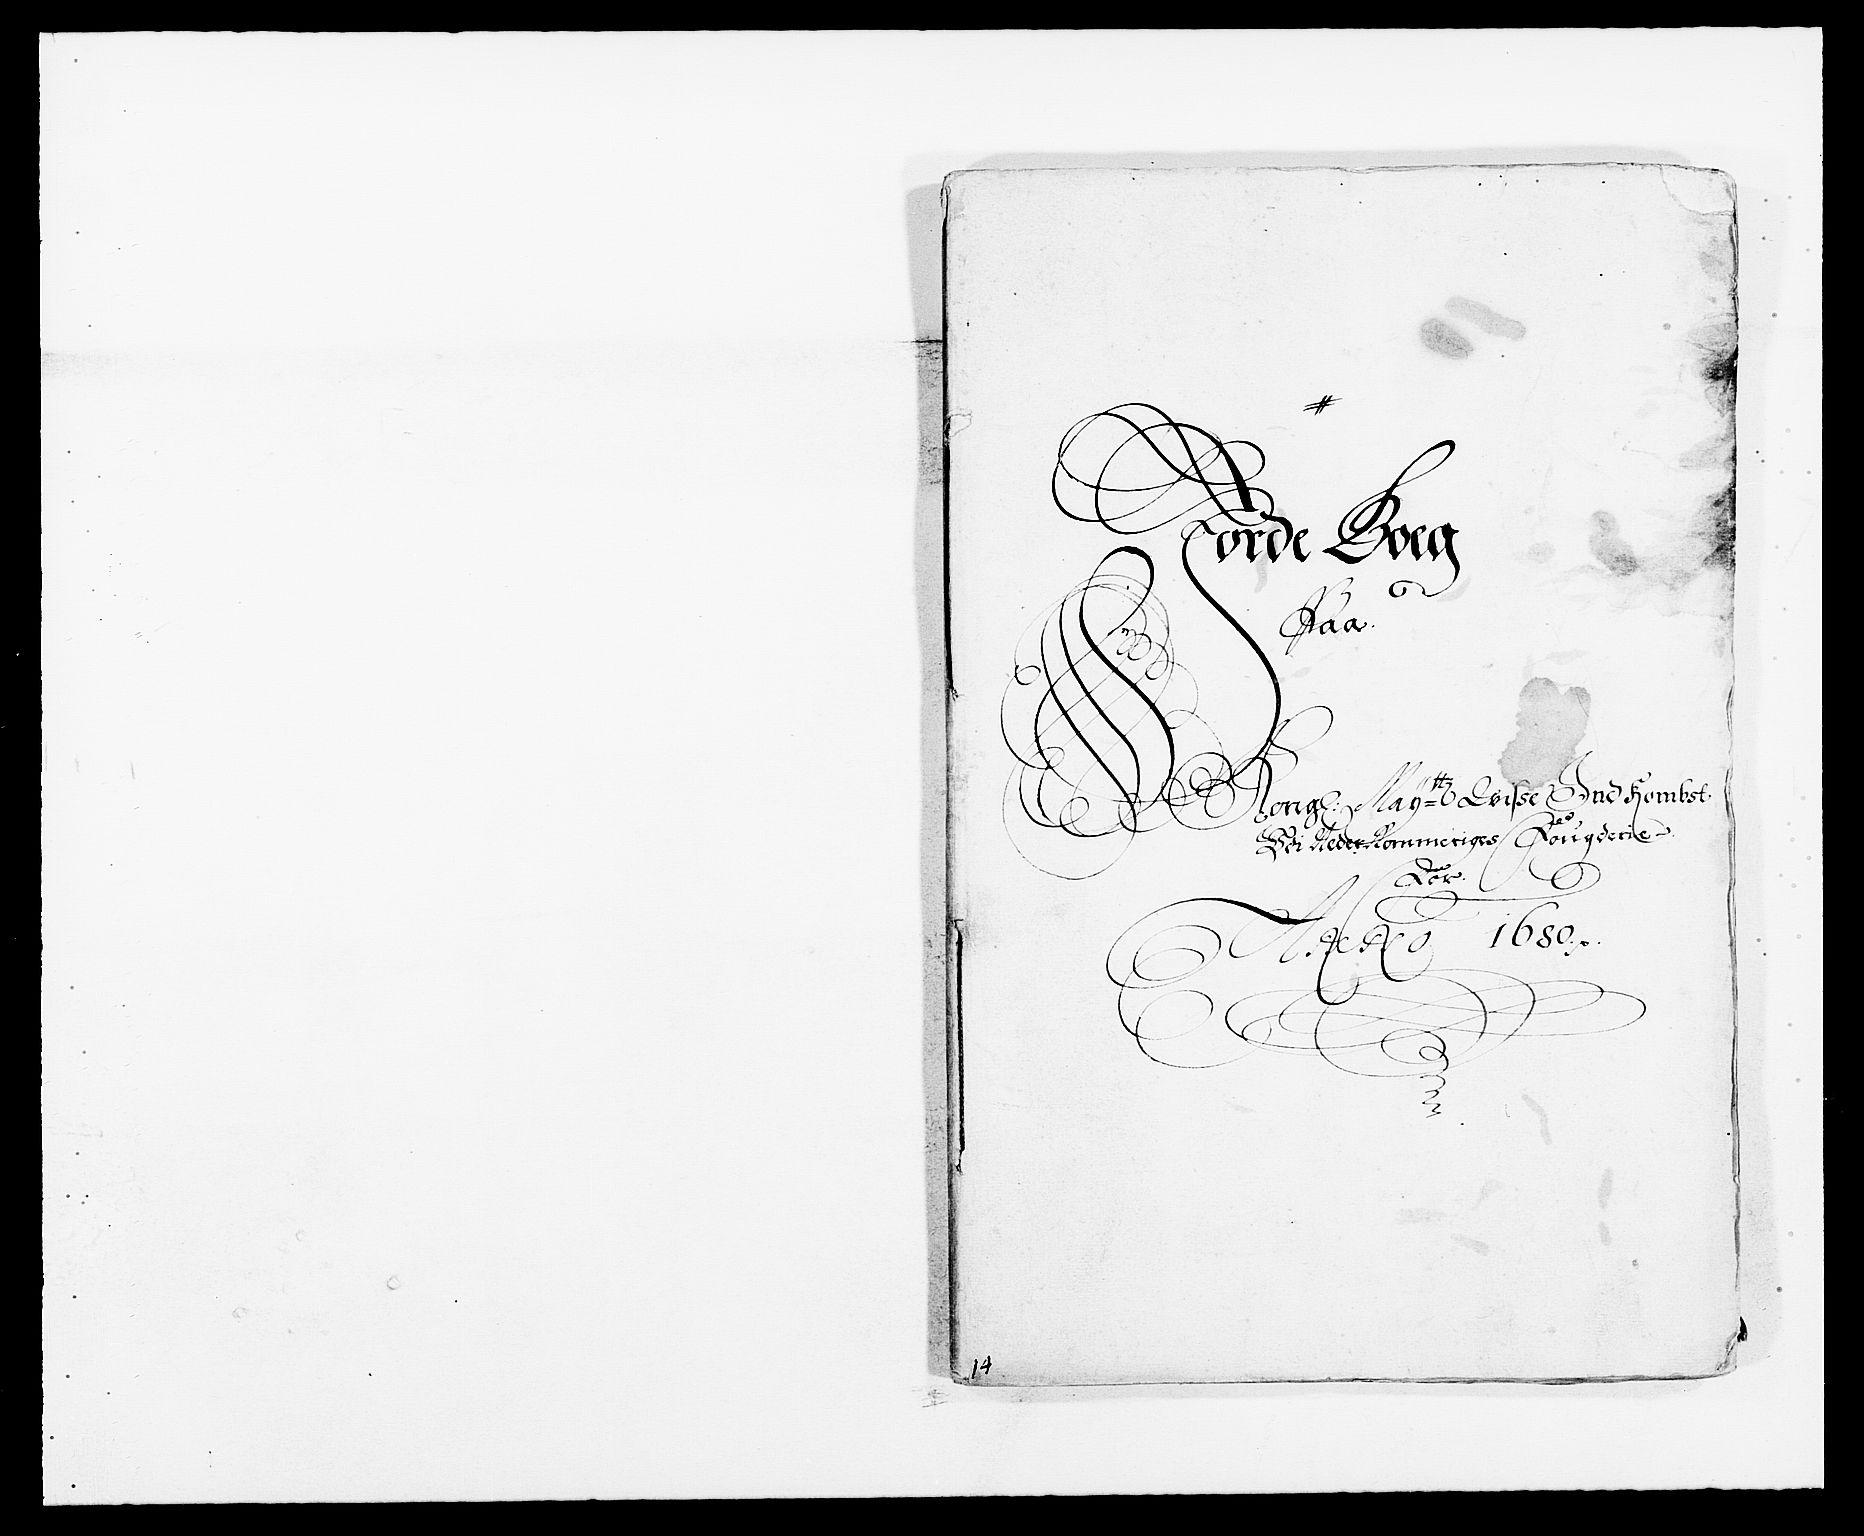 RA, Rentekammeret inntil 1814, Reviderte regnskaper, Fogderegnskap, R11/L0569: Fogderegnskap Nedre Romerike, 1680-1681, s. 7